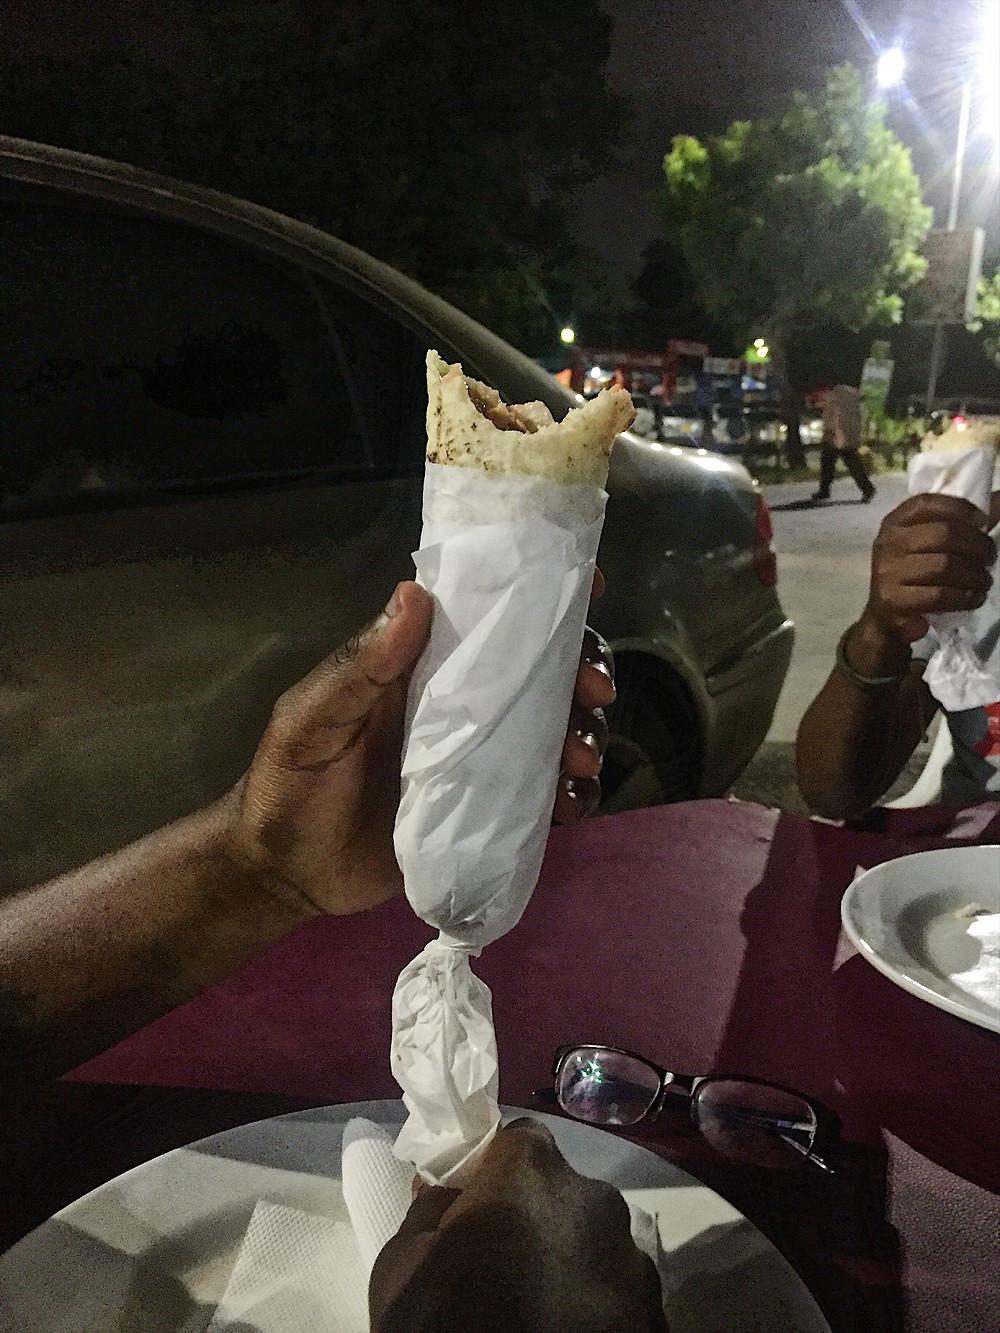 Shawarma from Rissa Barbecue